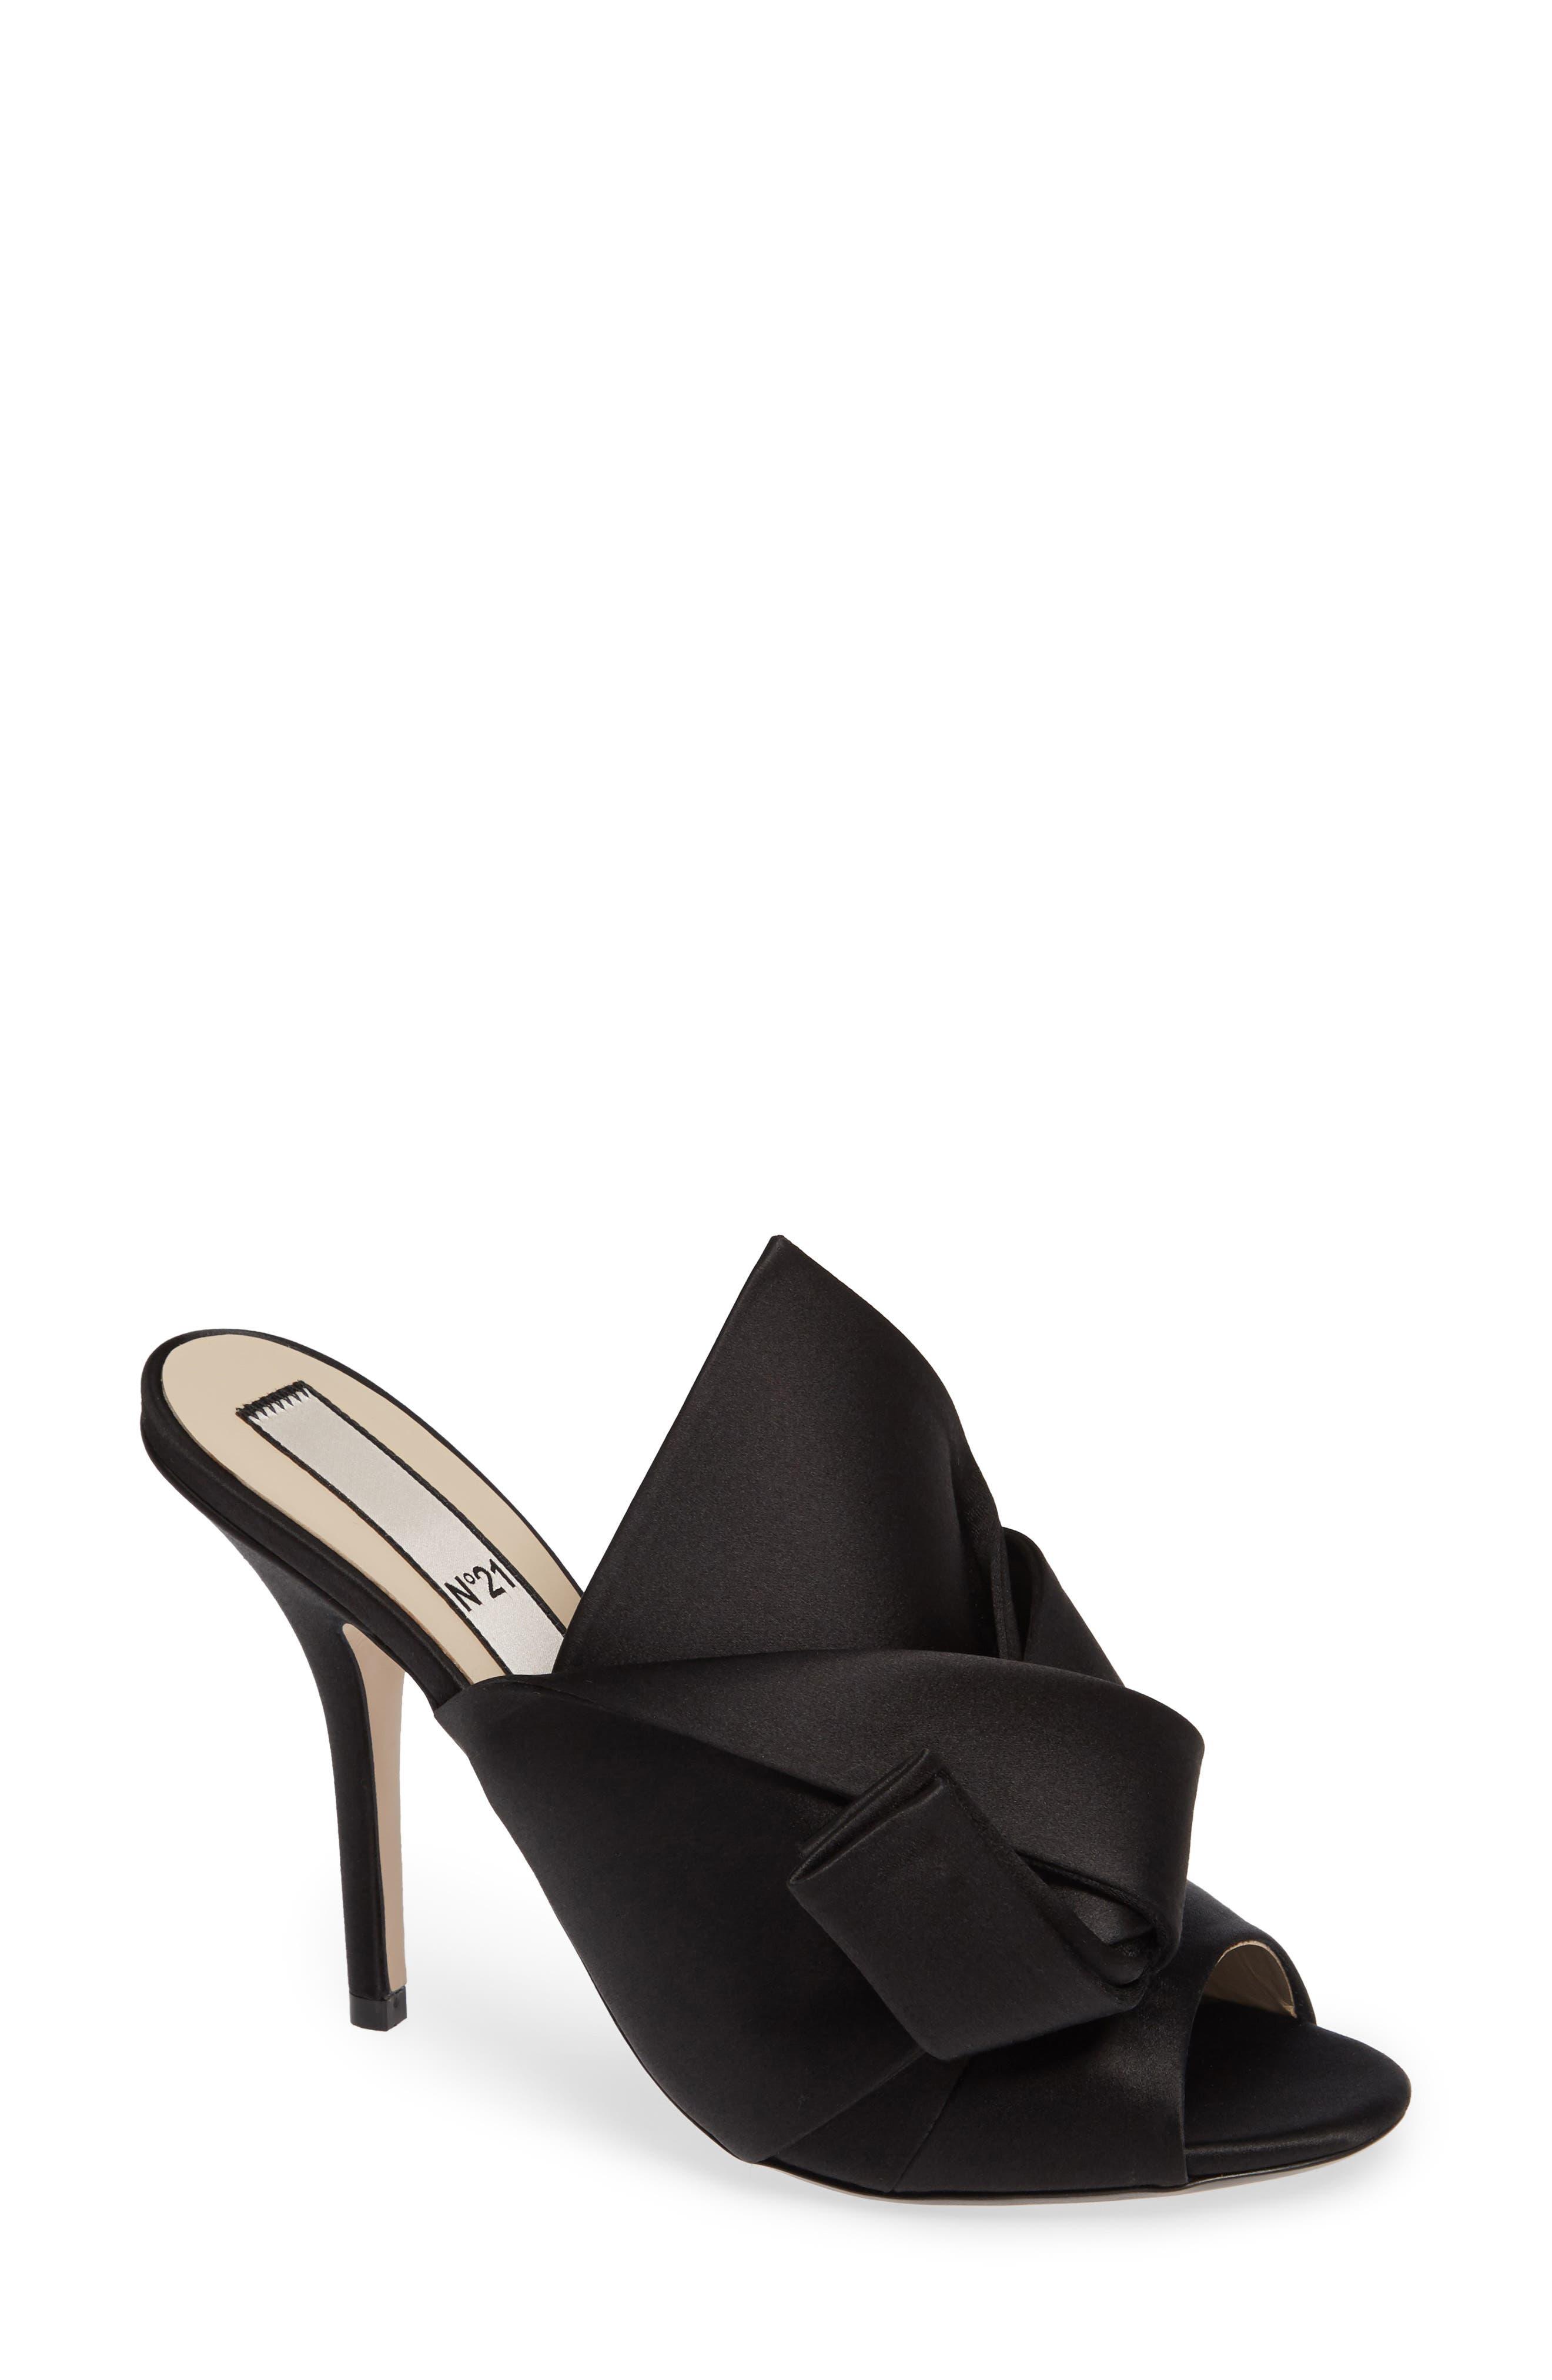 N?21 Bow Sandal